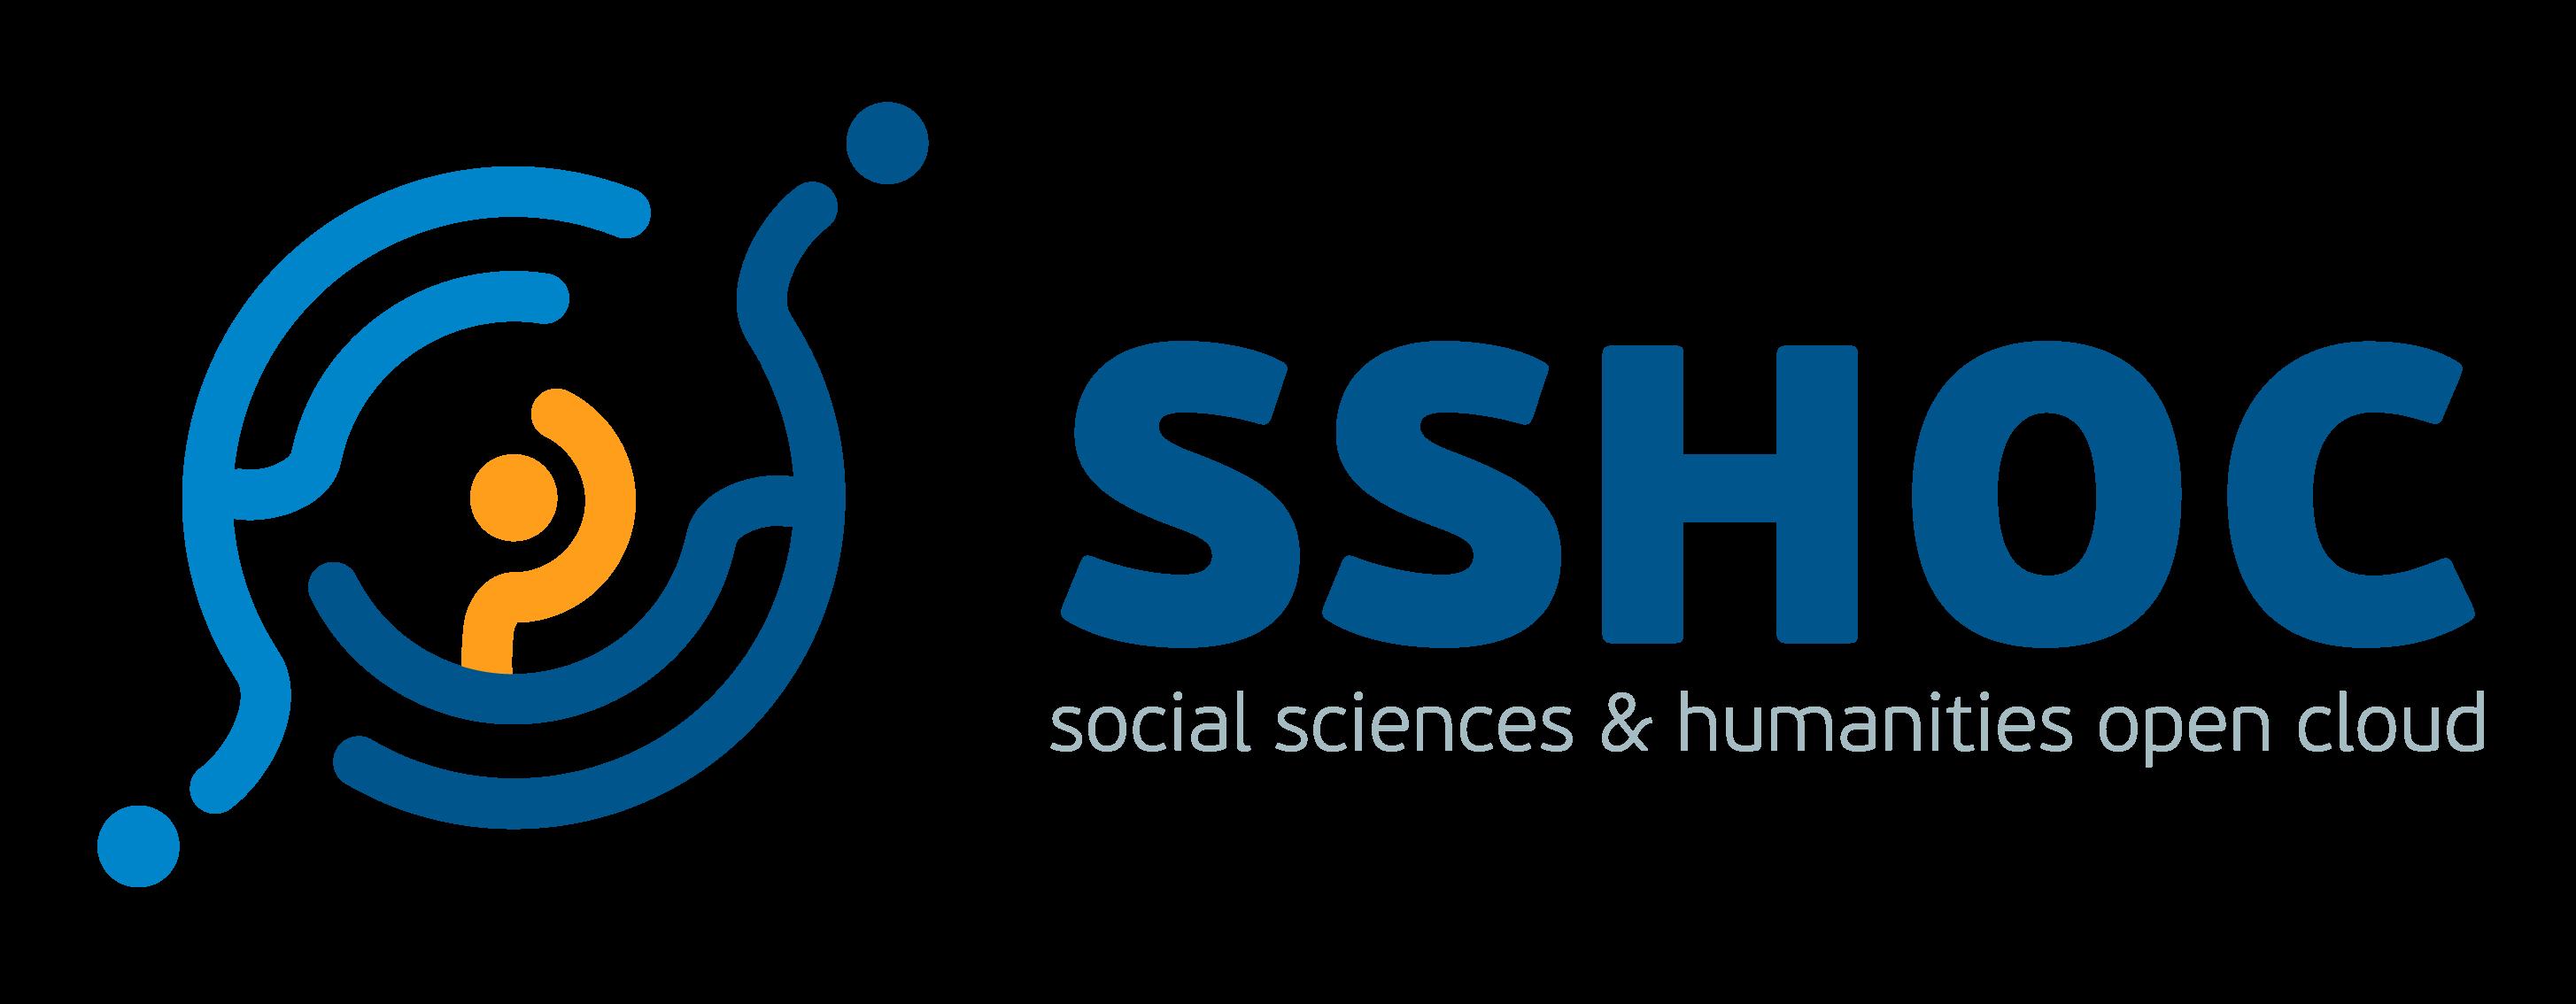 SSHOC_logo_color_0.png